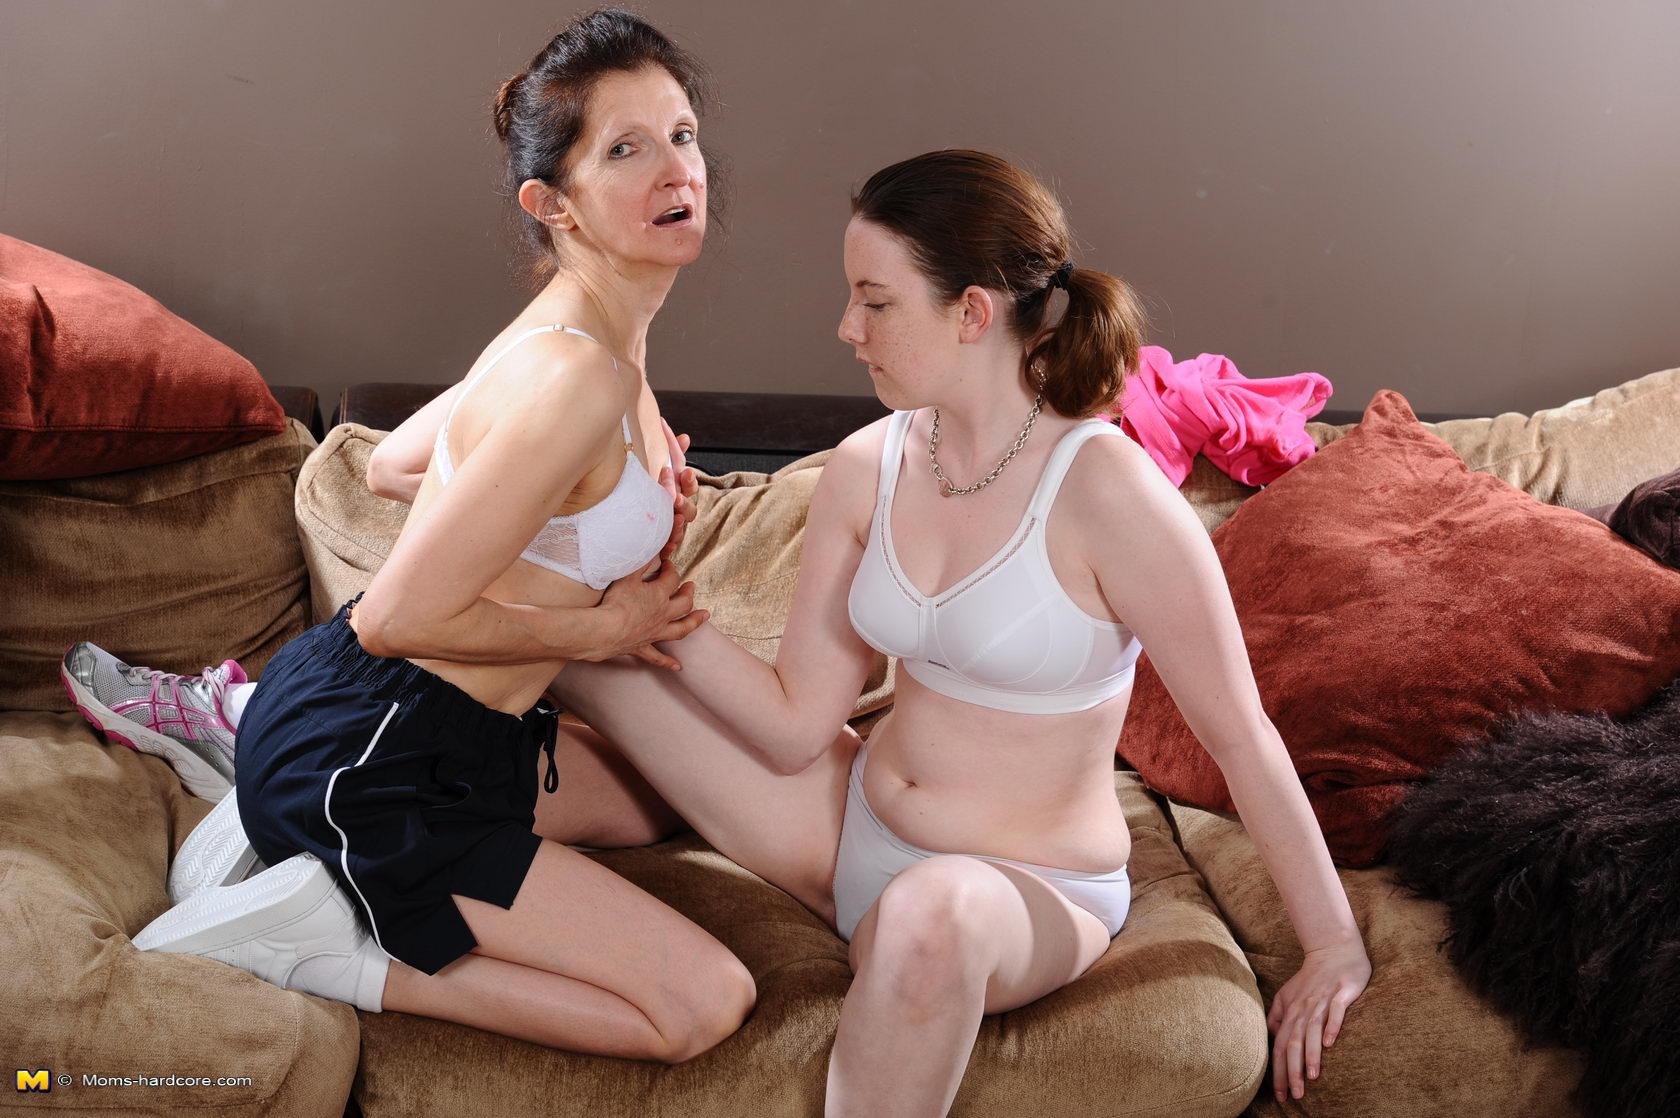 Секс сына с матерью - все популярые порно ролики в одном ...